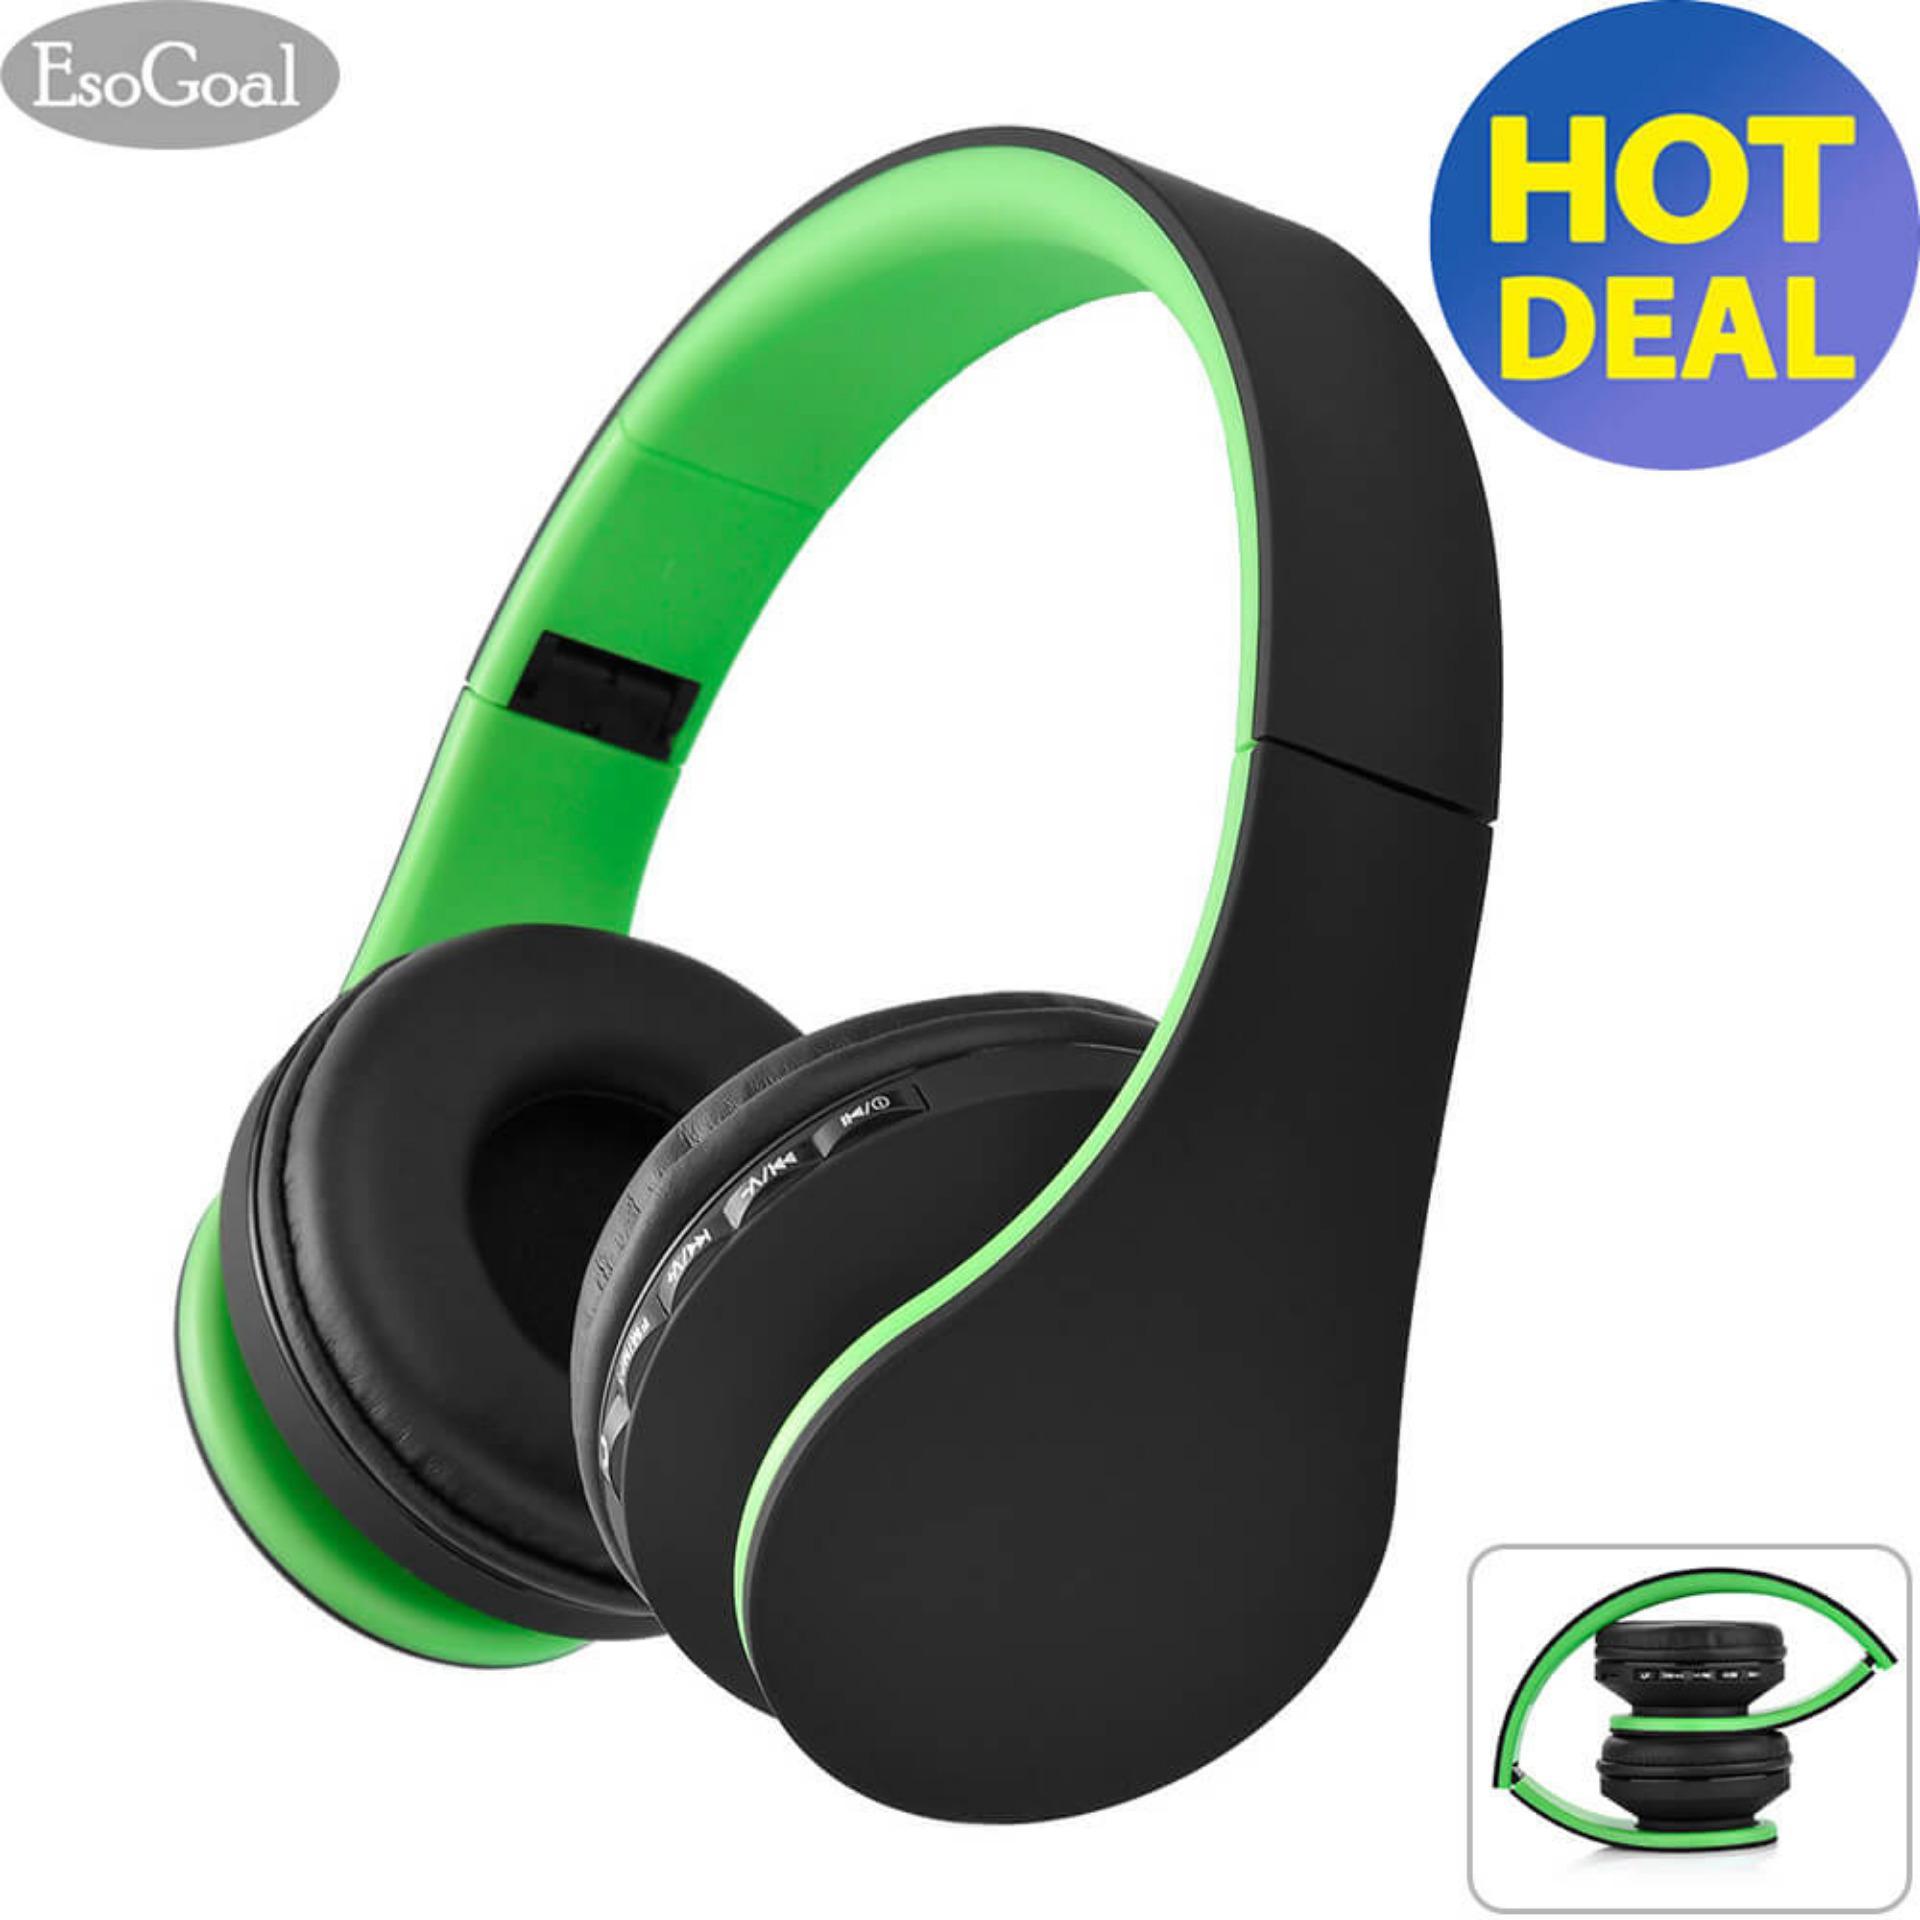 Jual Esogoal Nirkabel Bluetooth Headphone Foldable Headset Kebisingan Isolasi Atas Telinga Earphone Dengan Mic Hijau Hitam Esogoal Di Tiongkok